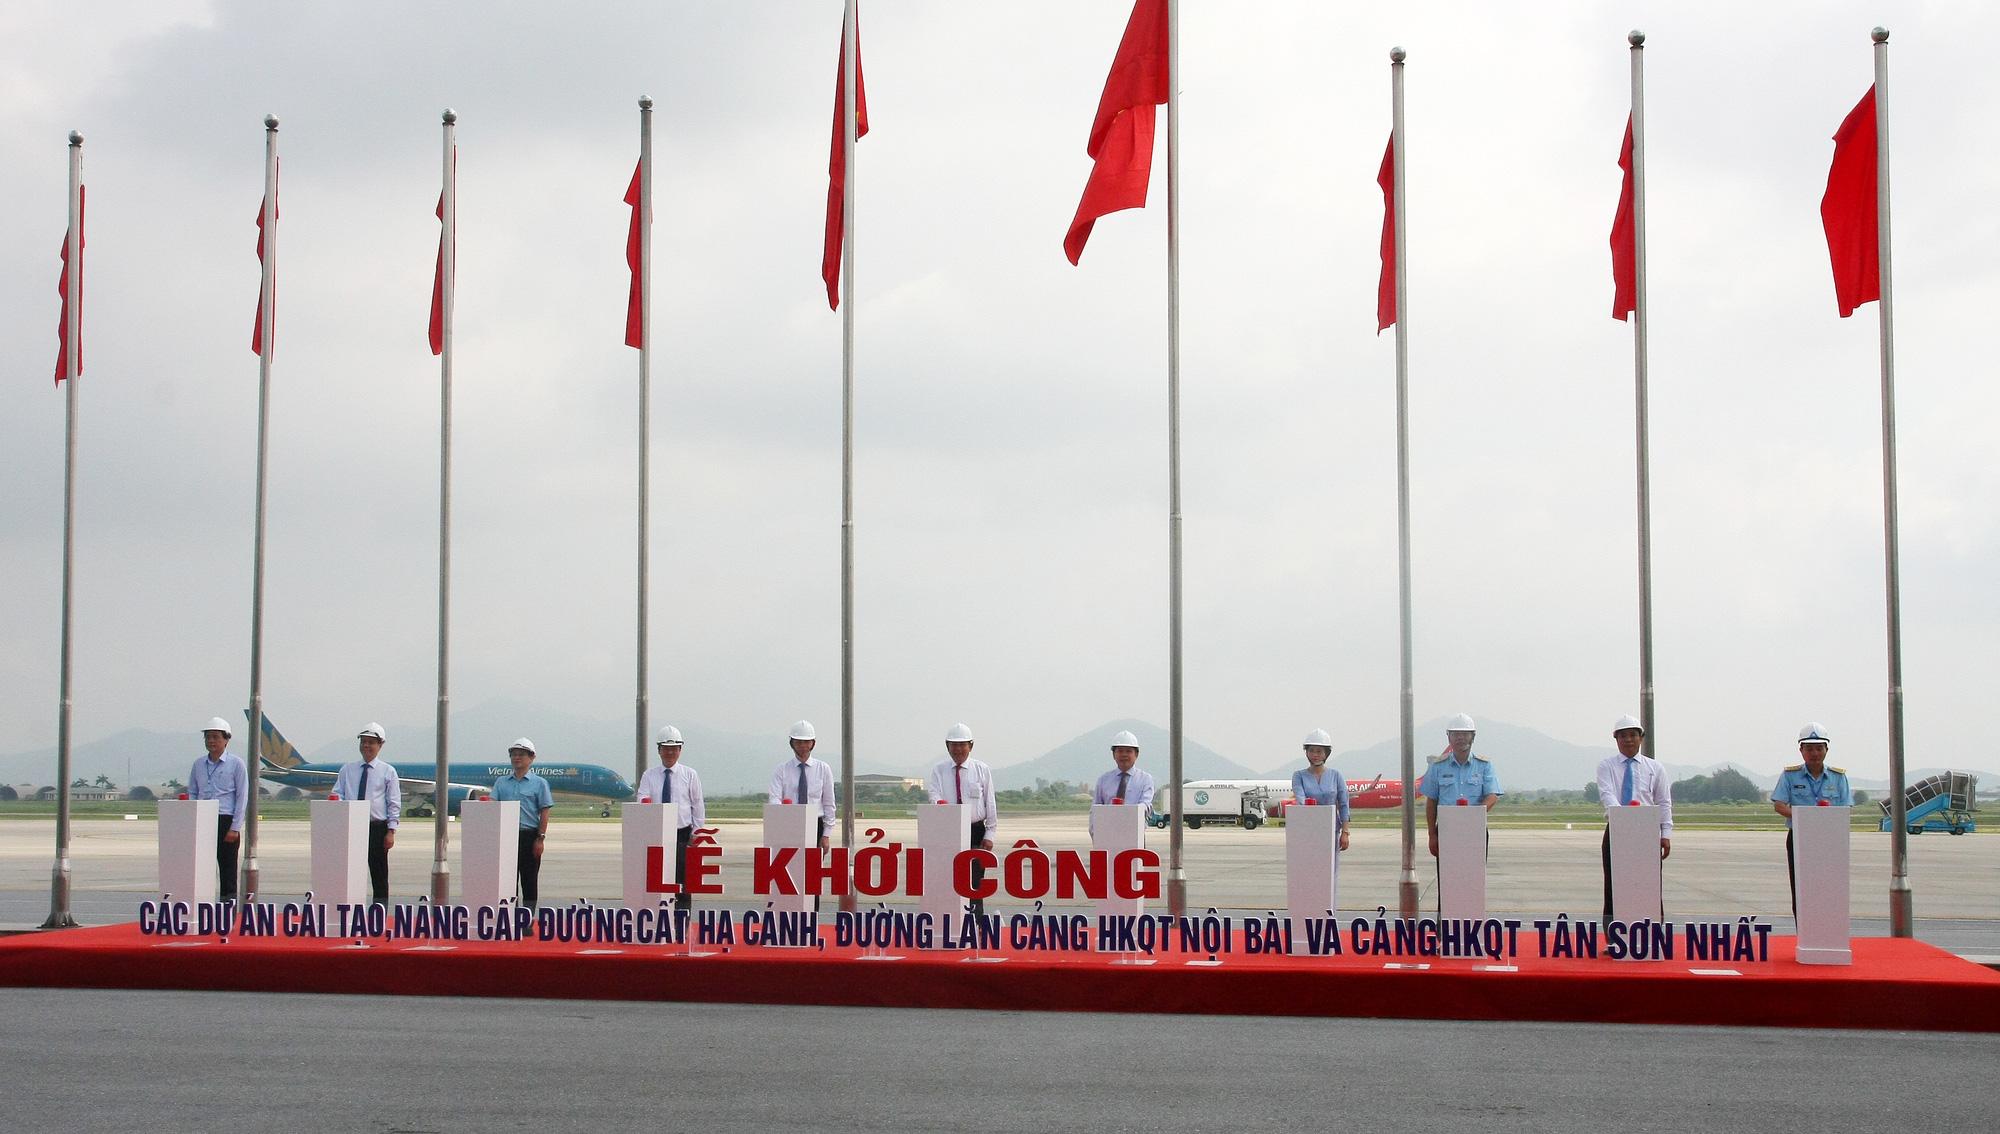 Runway upgrade begins at Hanoi, Ho Chi Minh City airports